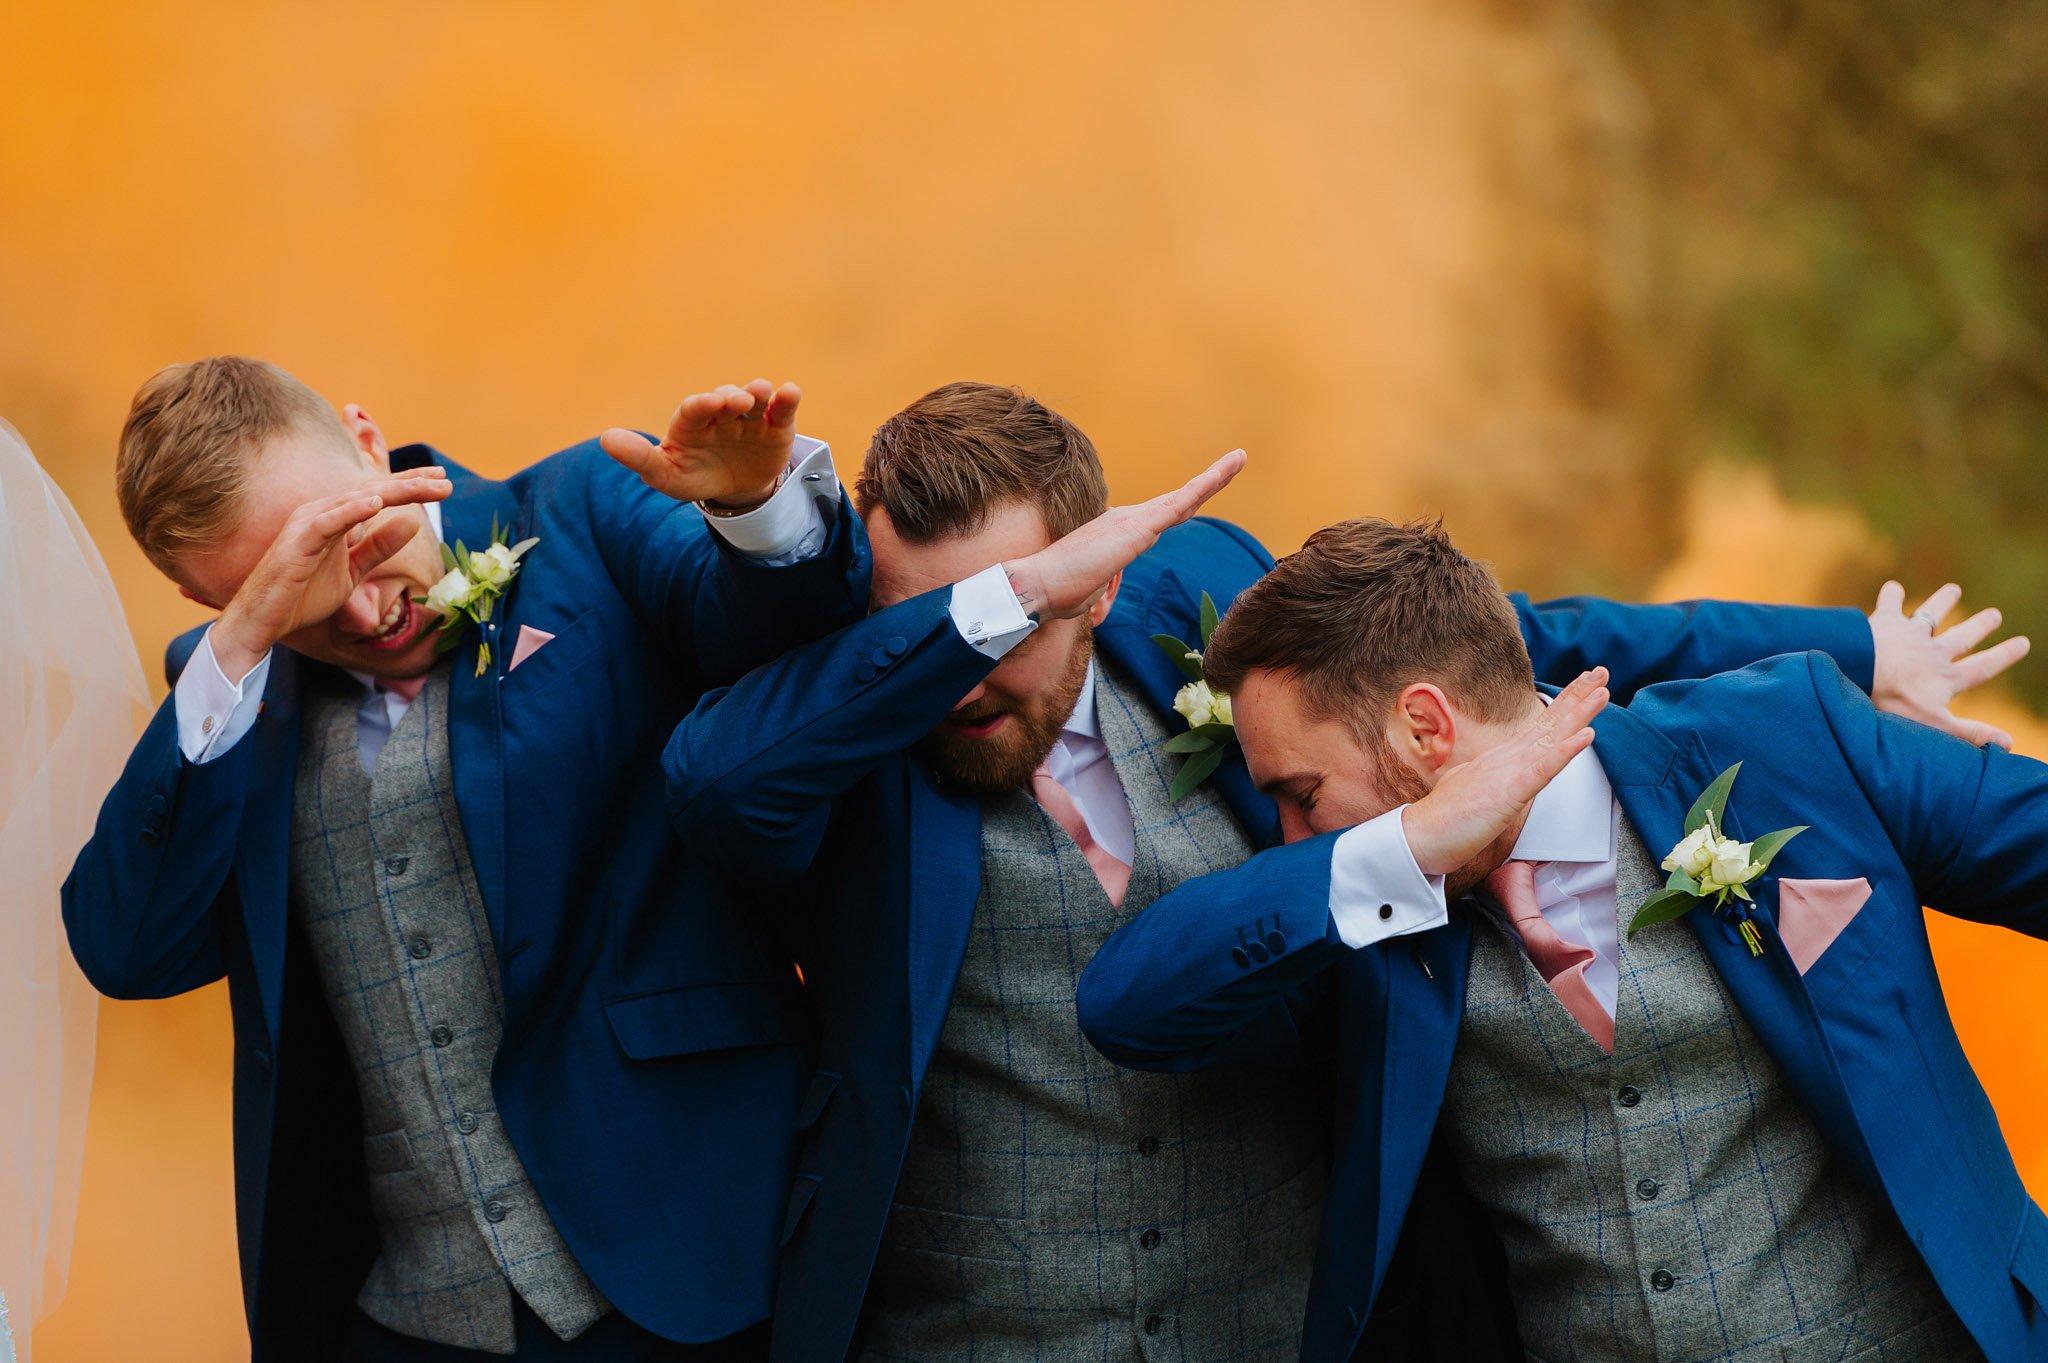 Lemore Manor wedding, Herefordshire - West Midlands | Sadie + Ken 74